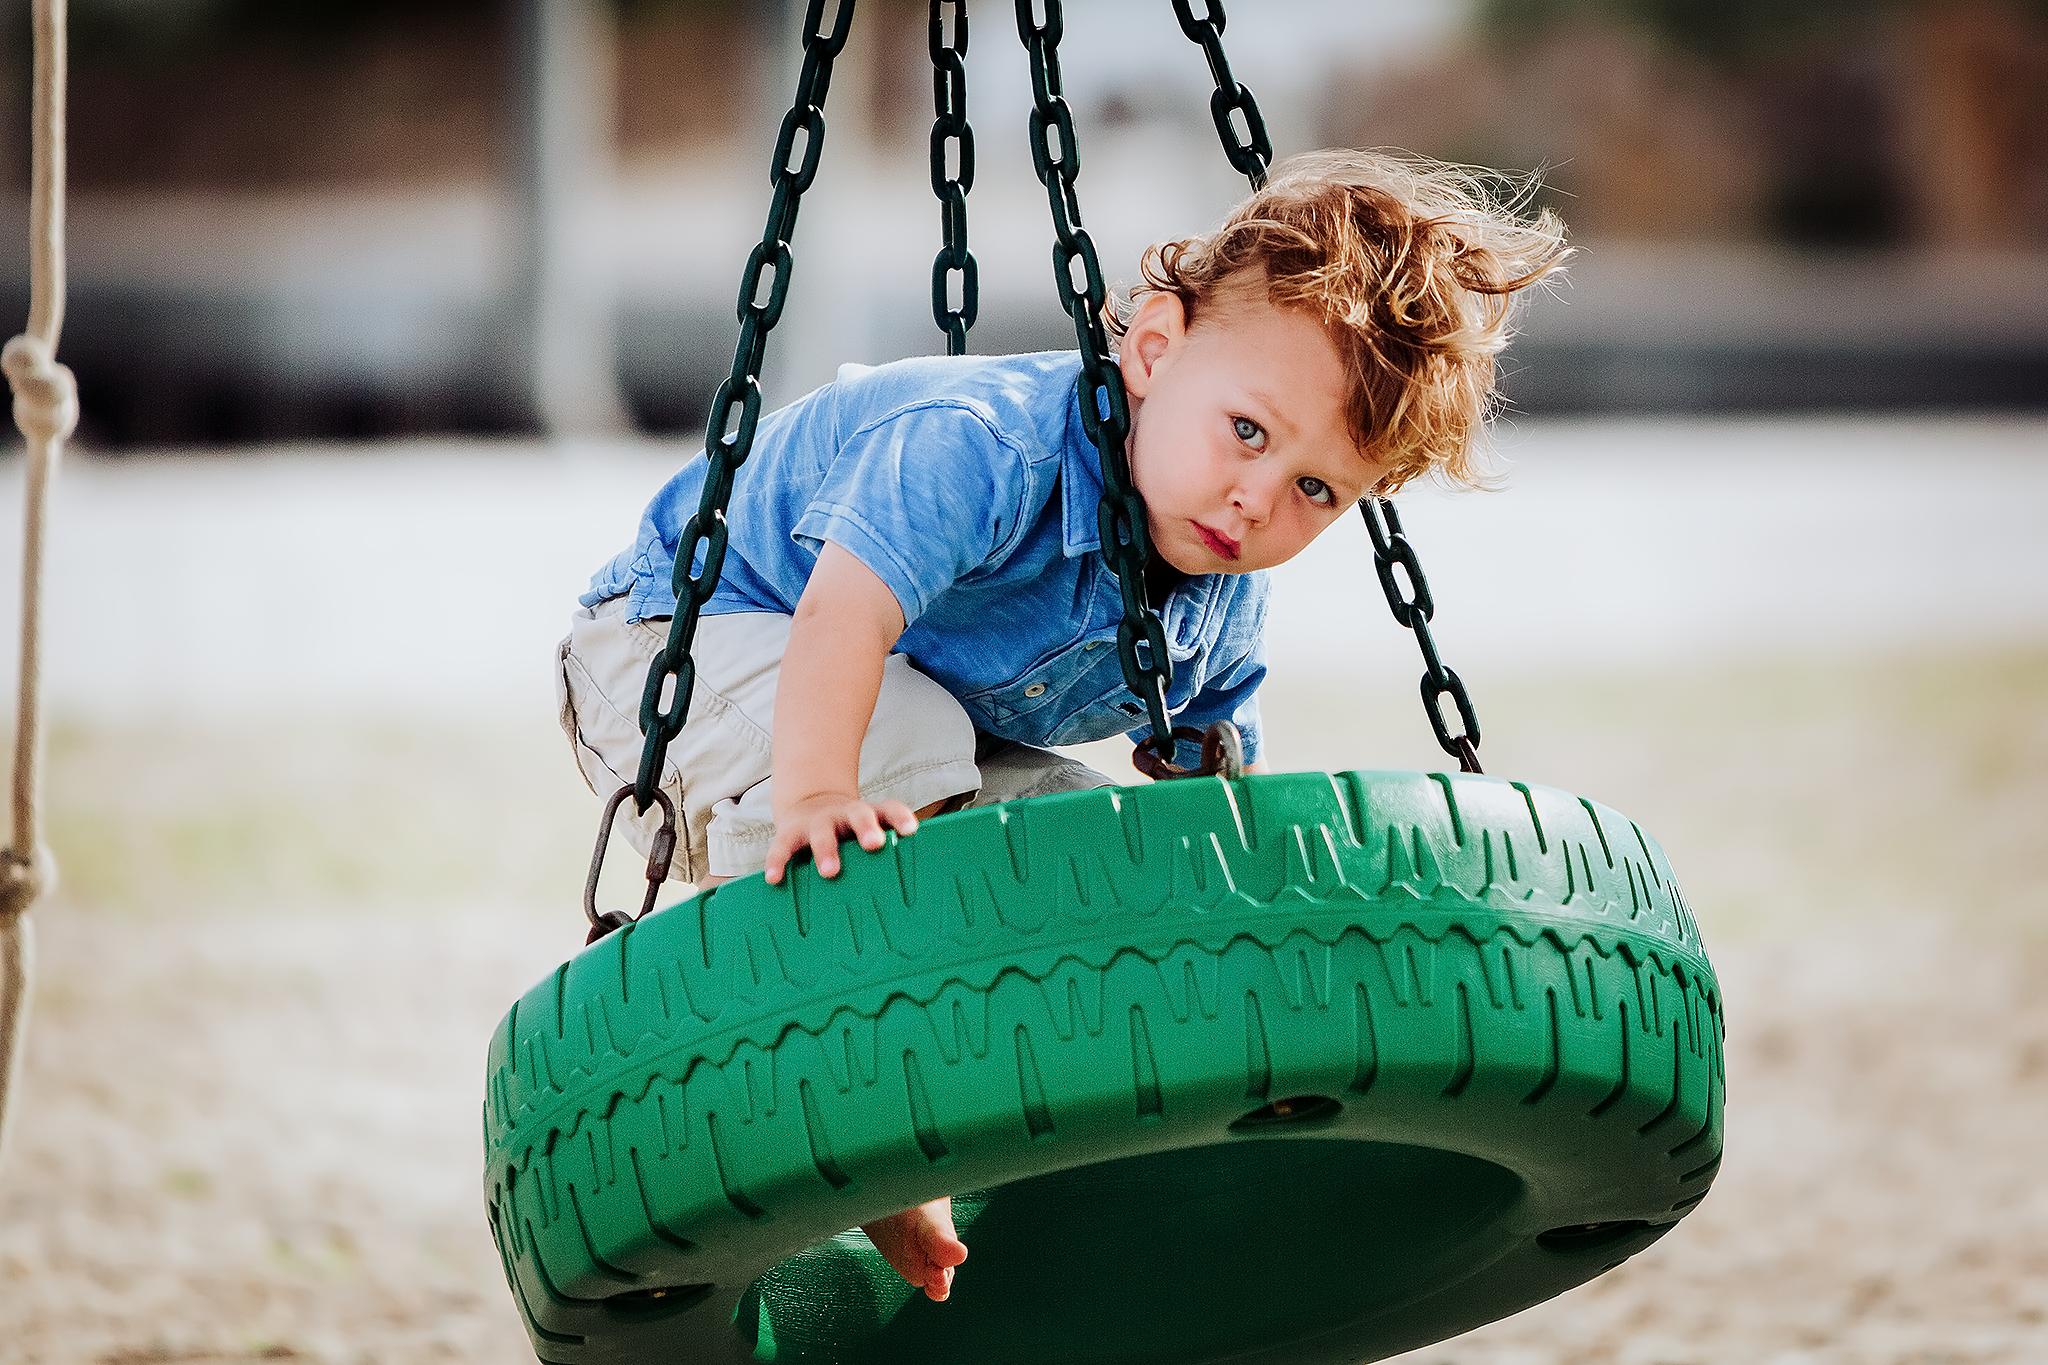 Little boy on green tire swing